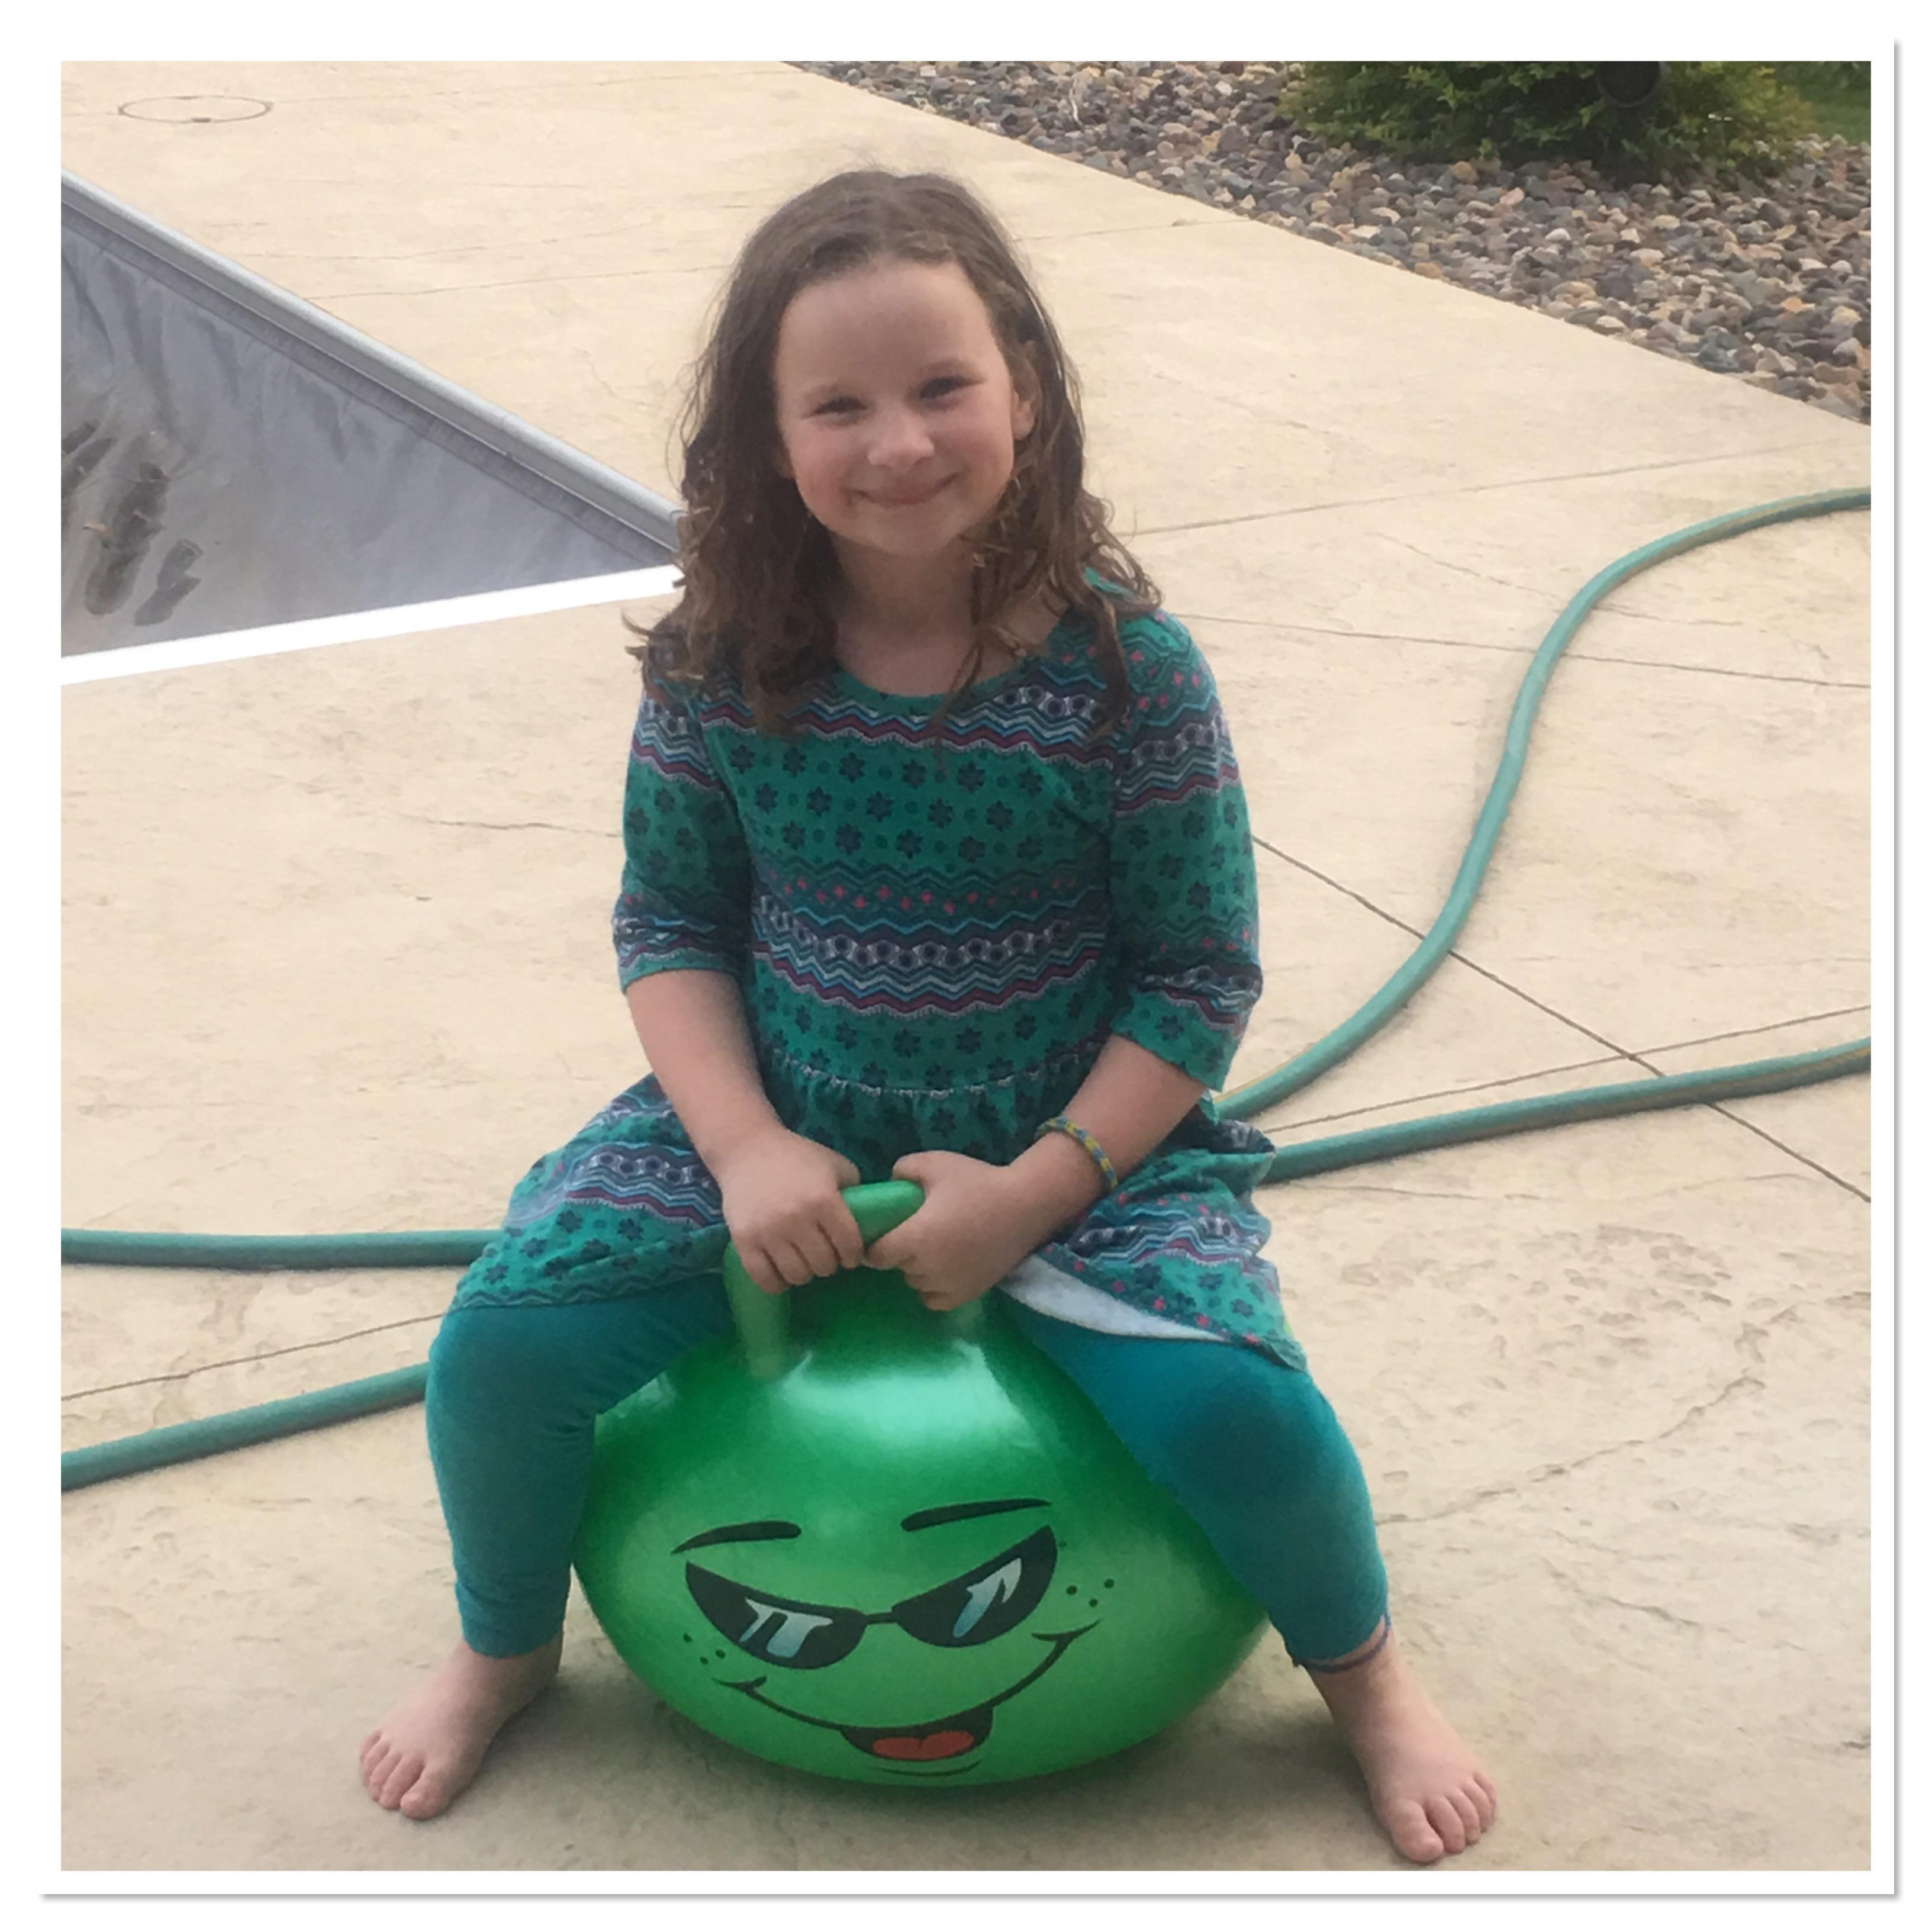 Child Hopper Ball